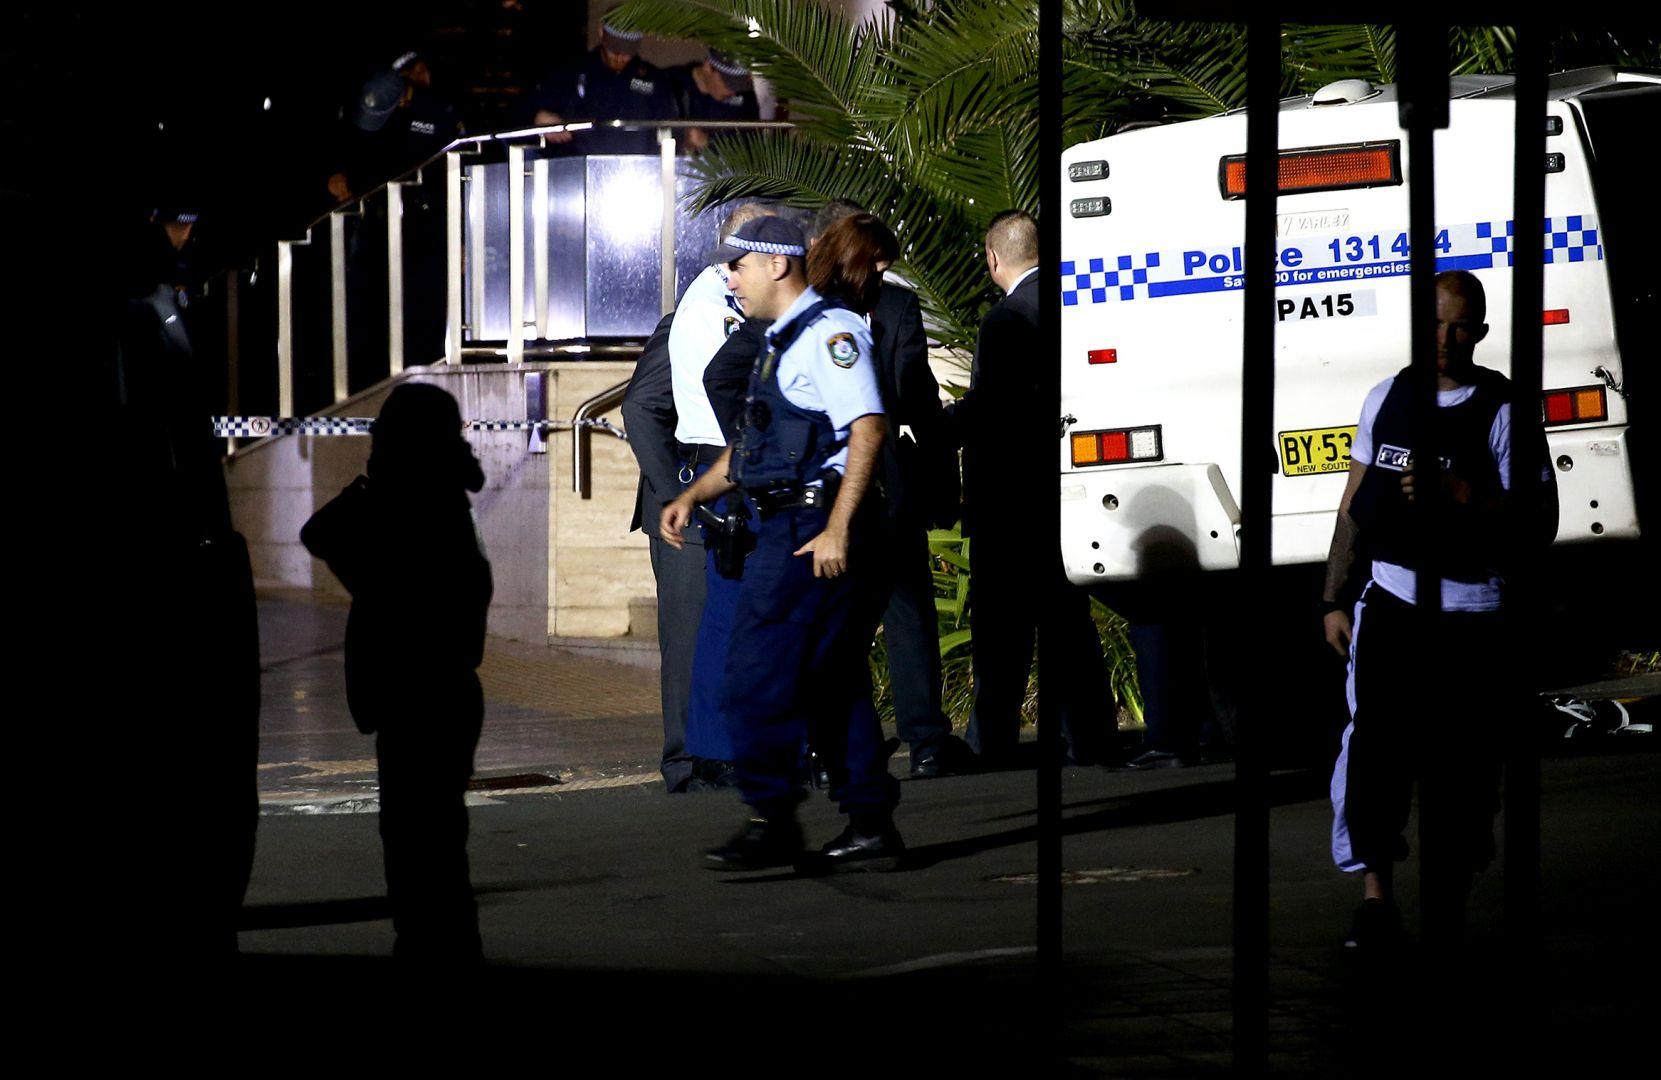 В Австралии грузовик с газовыми баллонами протаранил полицейскую автостоянку